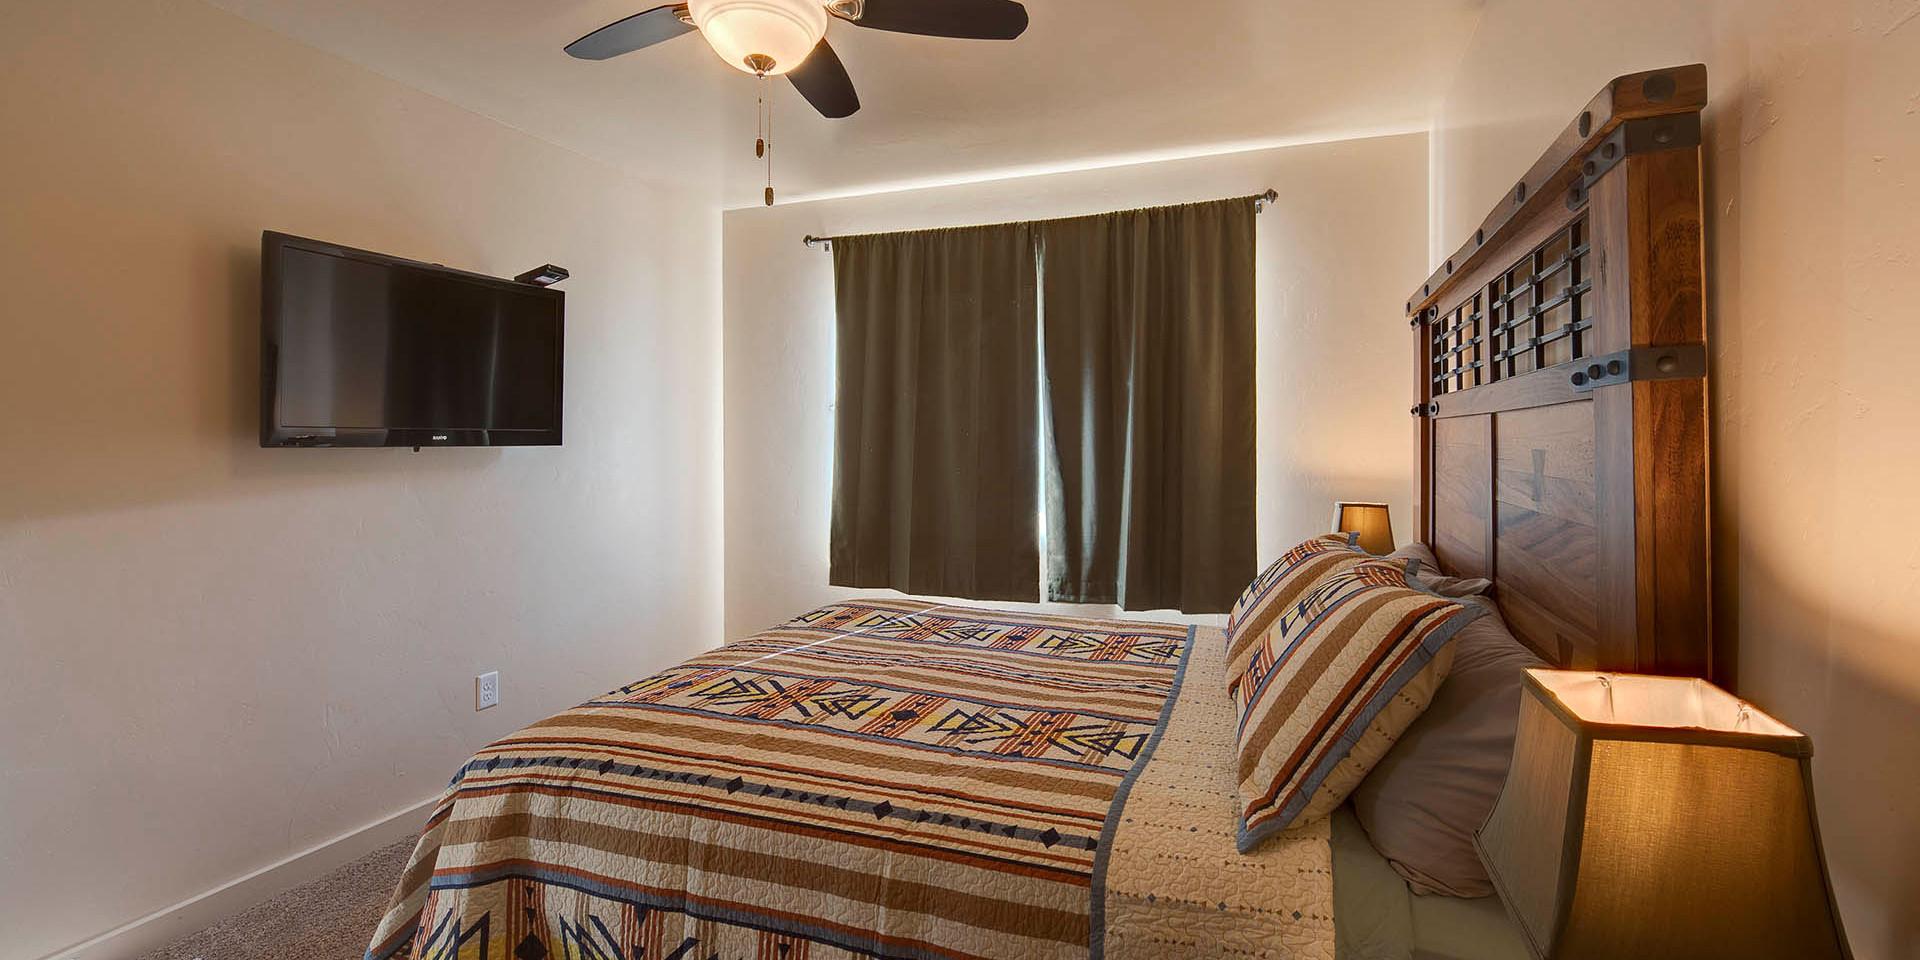 canyonland vacation rental